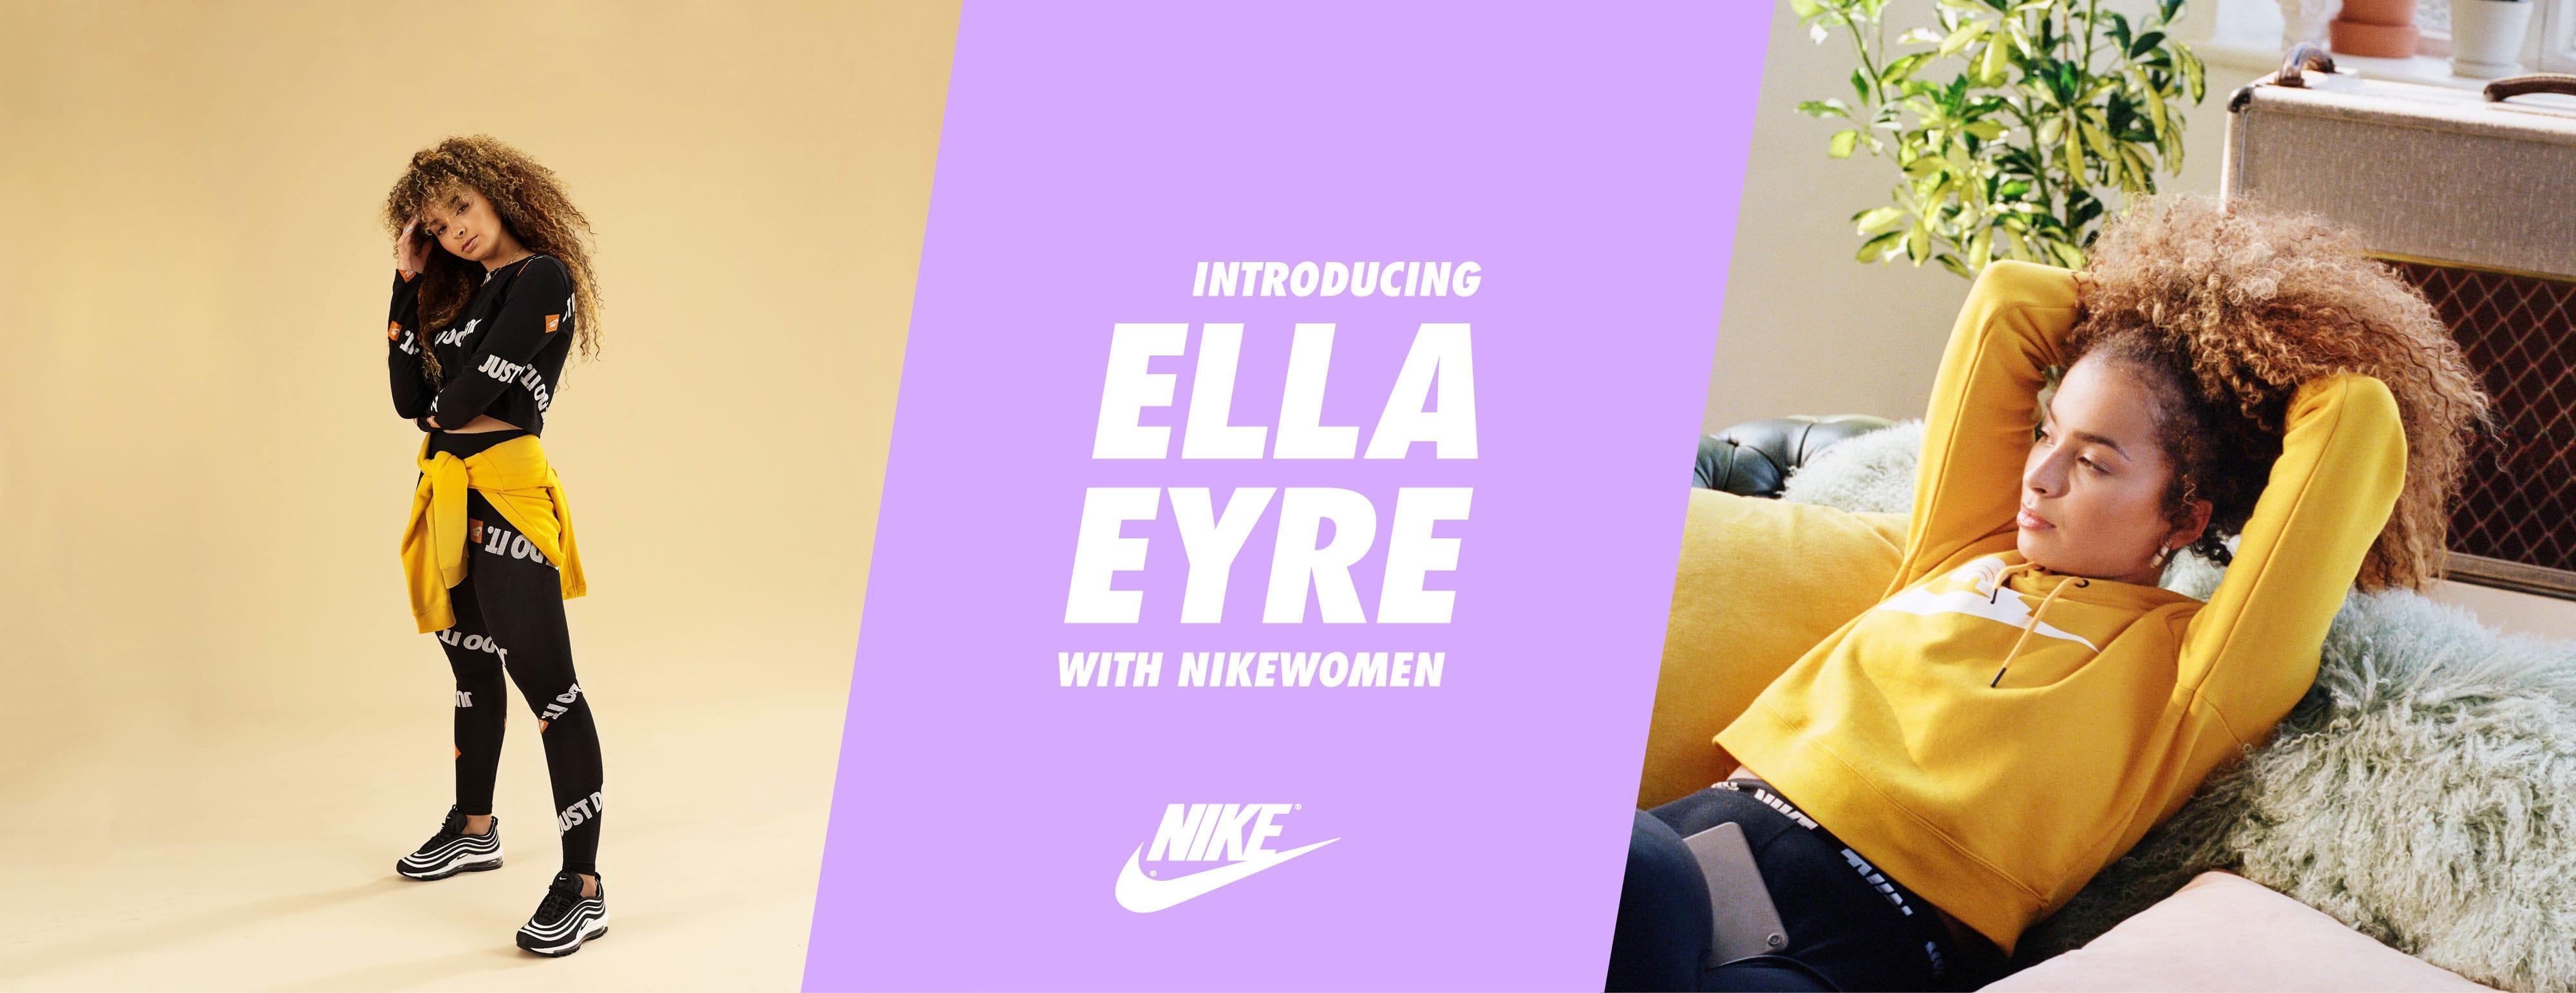 ella-eyre